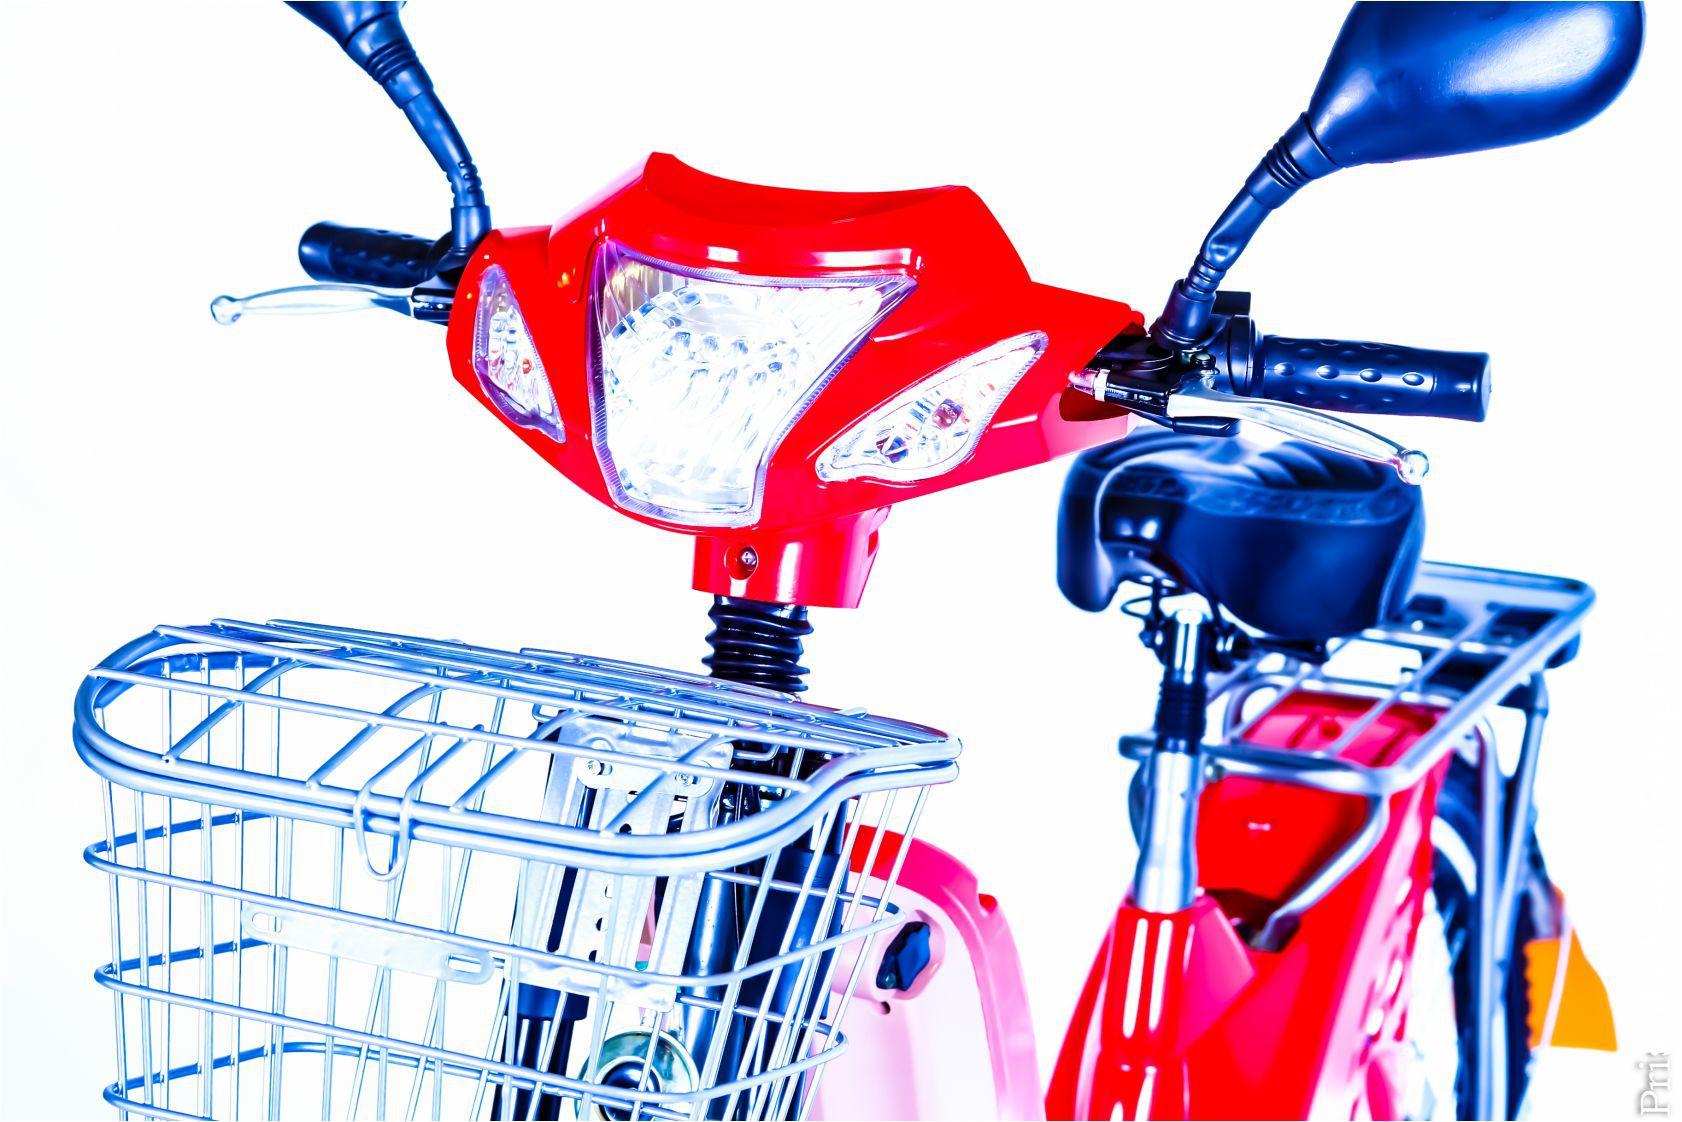 BICICLETA ELÉTRICA 350W 48 V E-BIKE COM BATERIA DE LÍTIO, faça sua compra em nossa REVENDA AUTORIZADA DE FABRICA